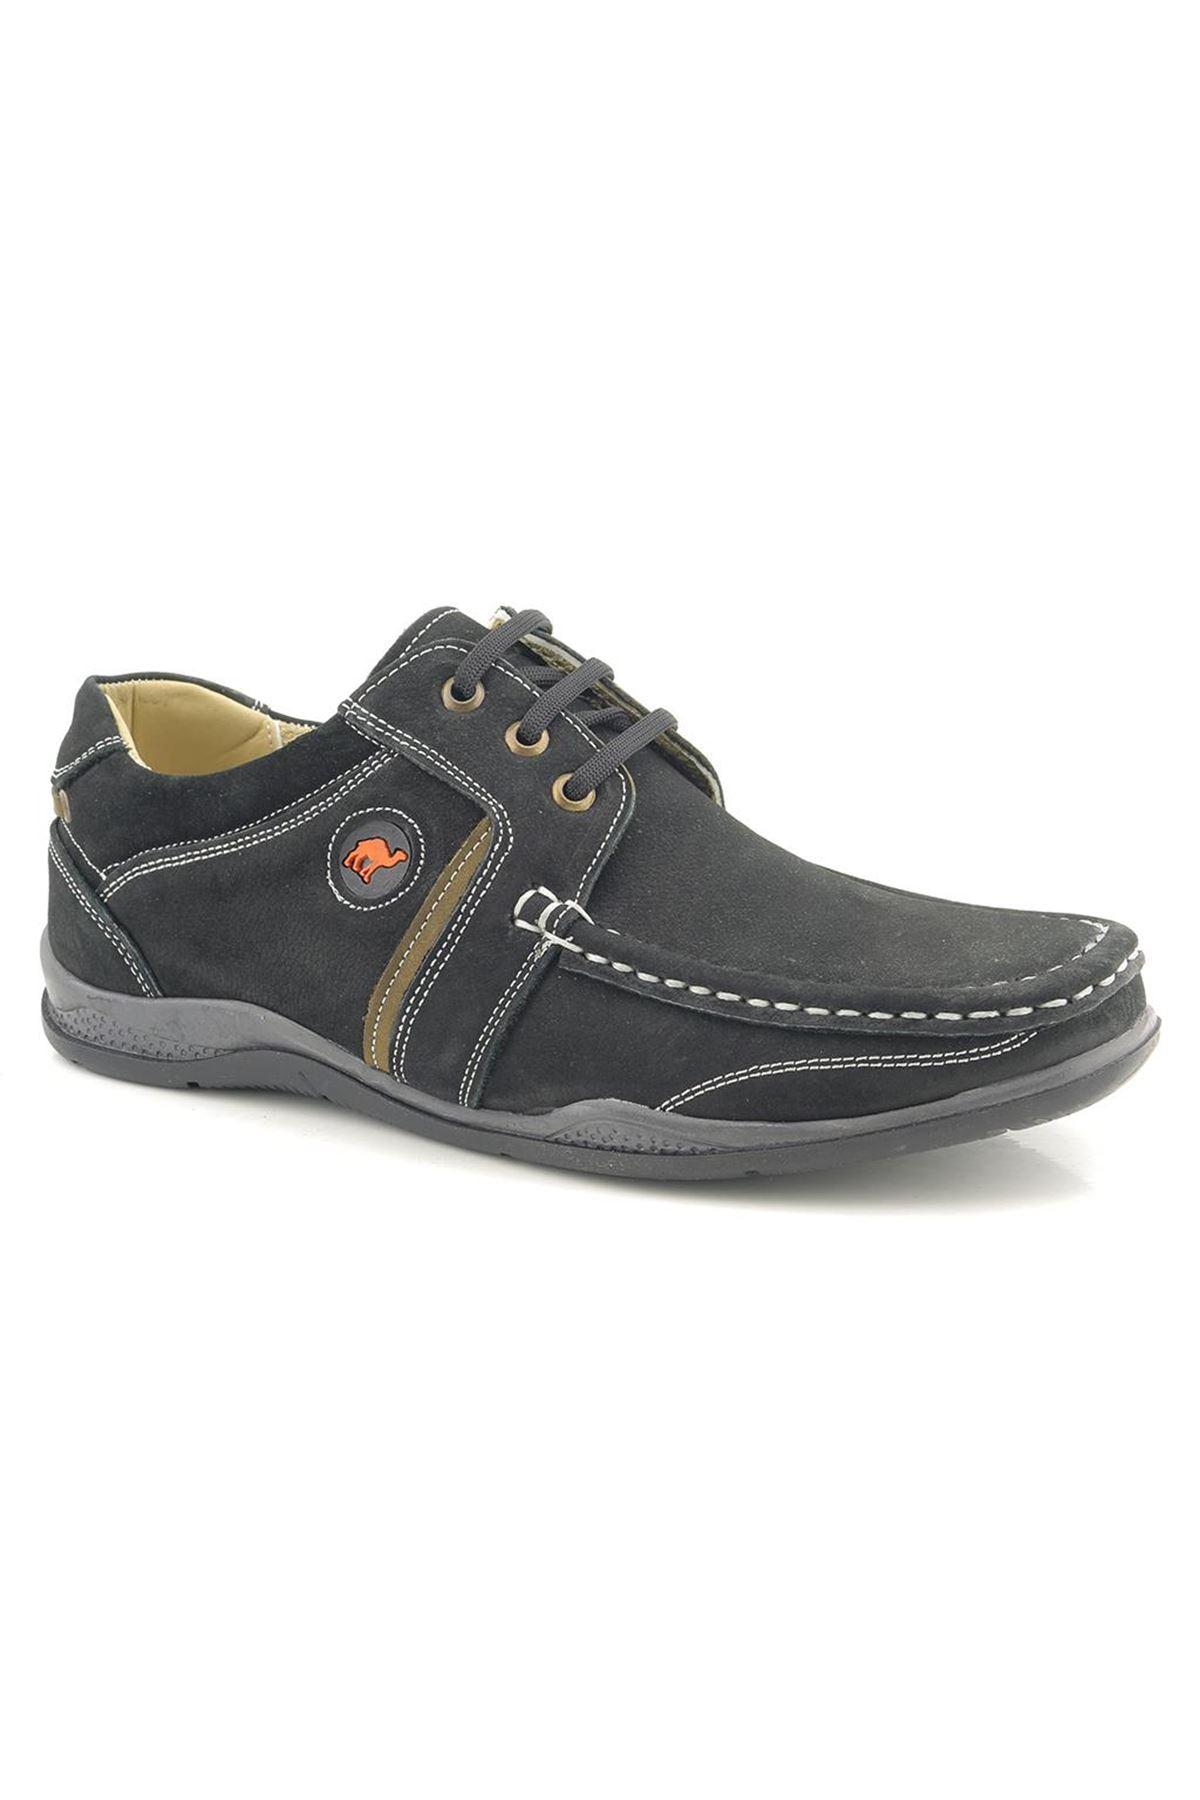 Bes Hakiki Analin Nubuk Deri Günlük Erkek Ayakkabı